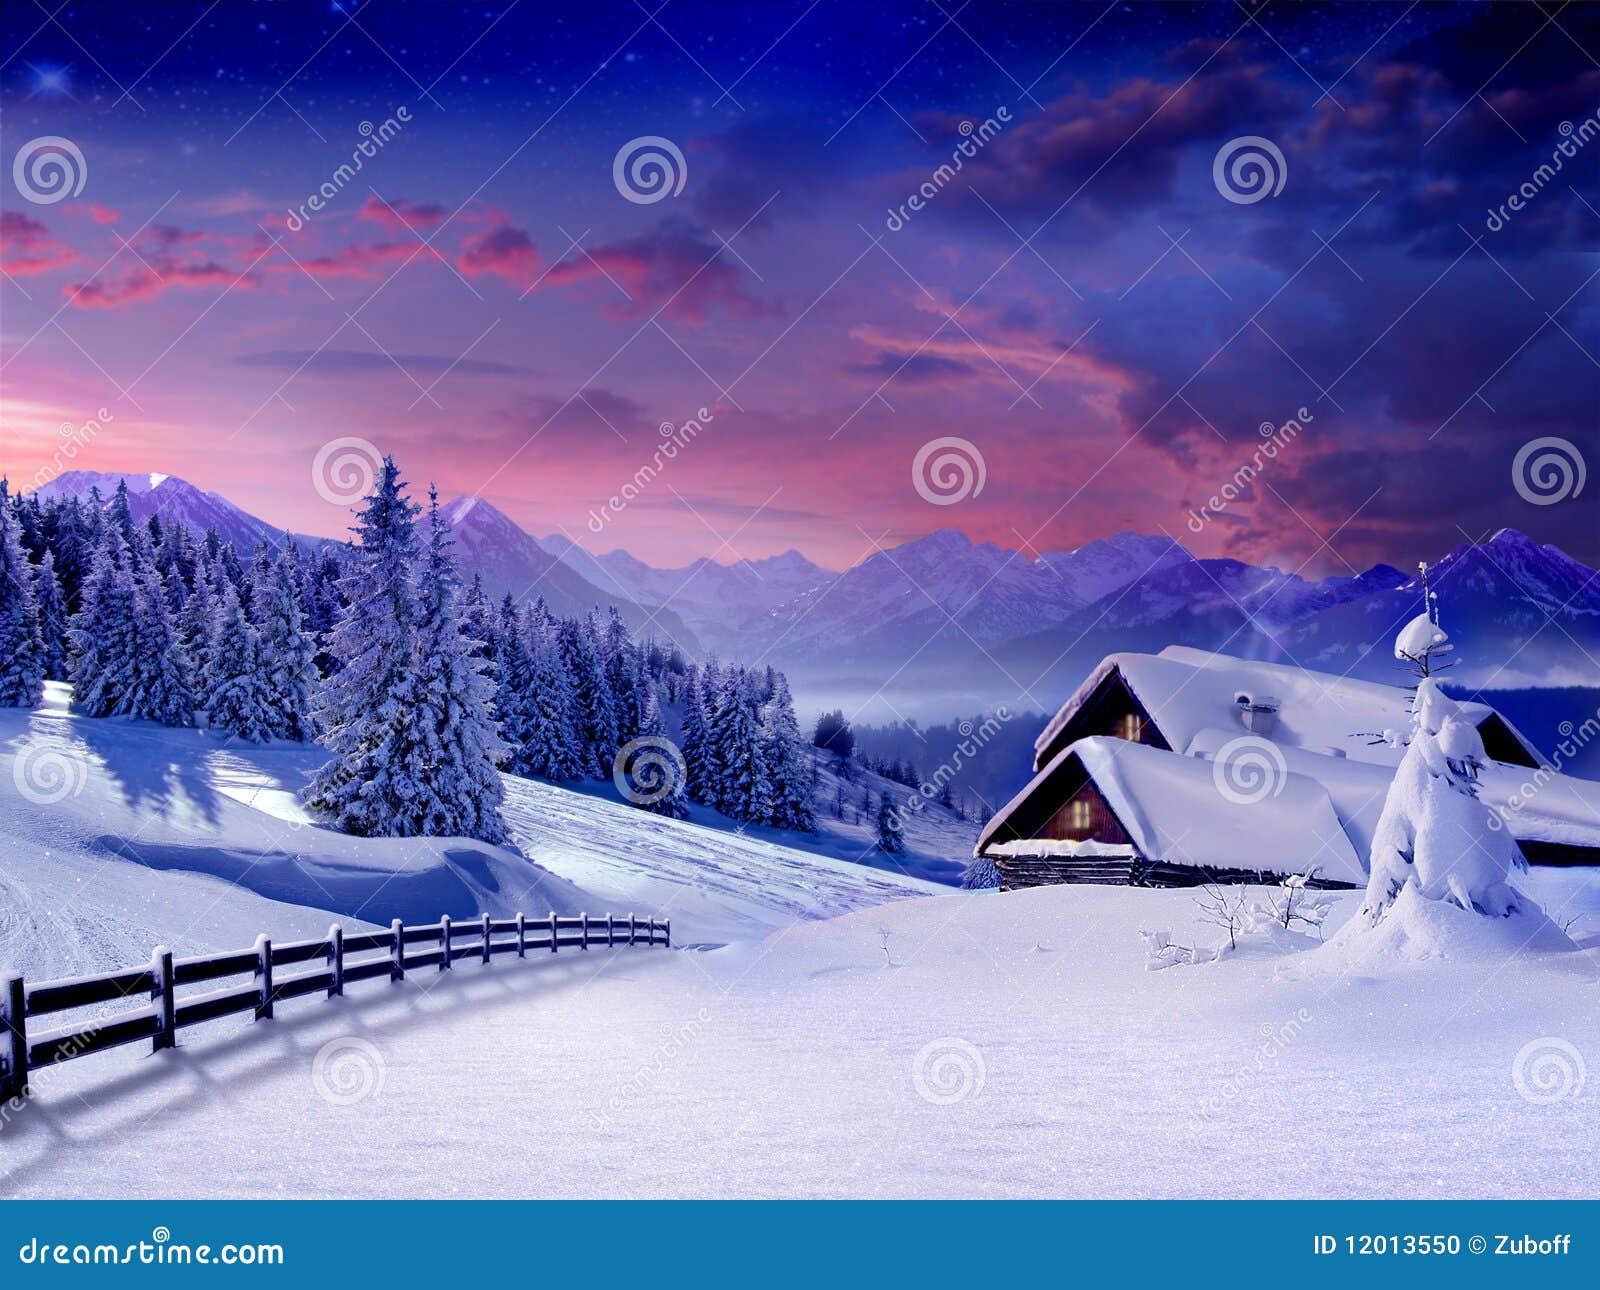 ¡Feliz Navidad! ¡Feliz Año Nuevo!!!